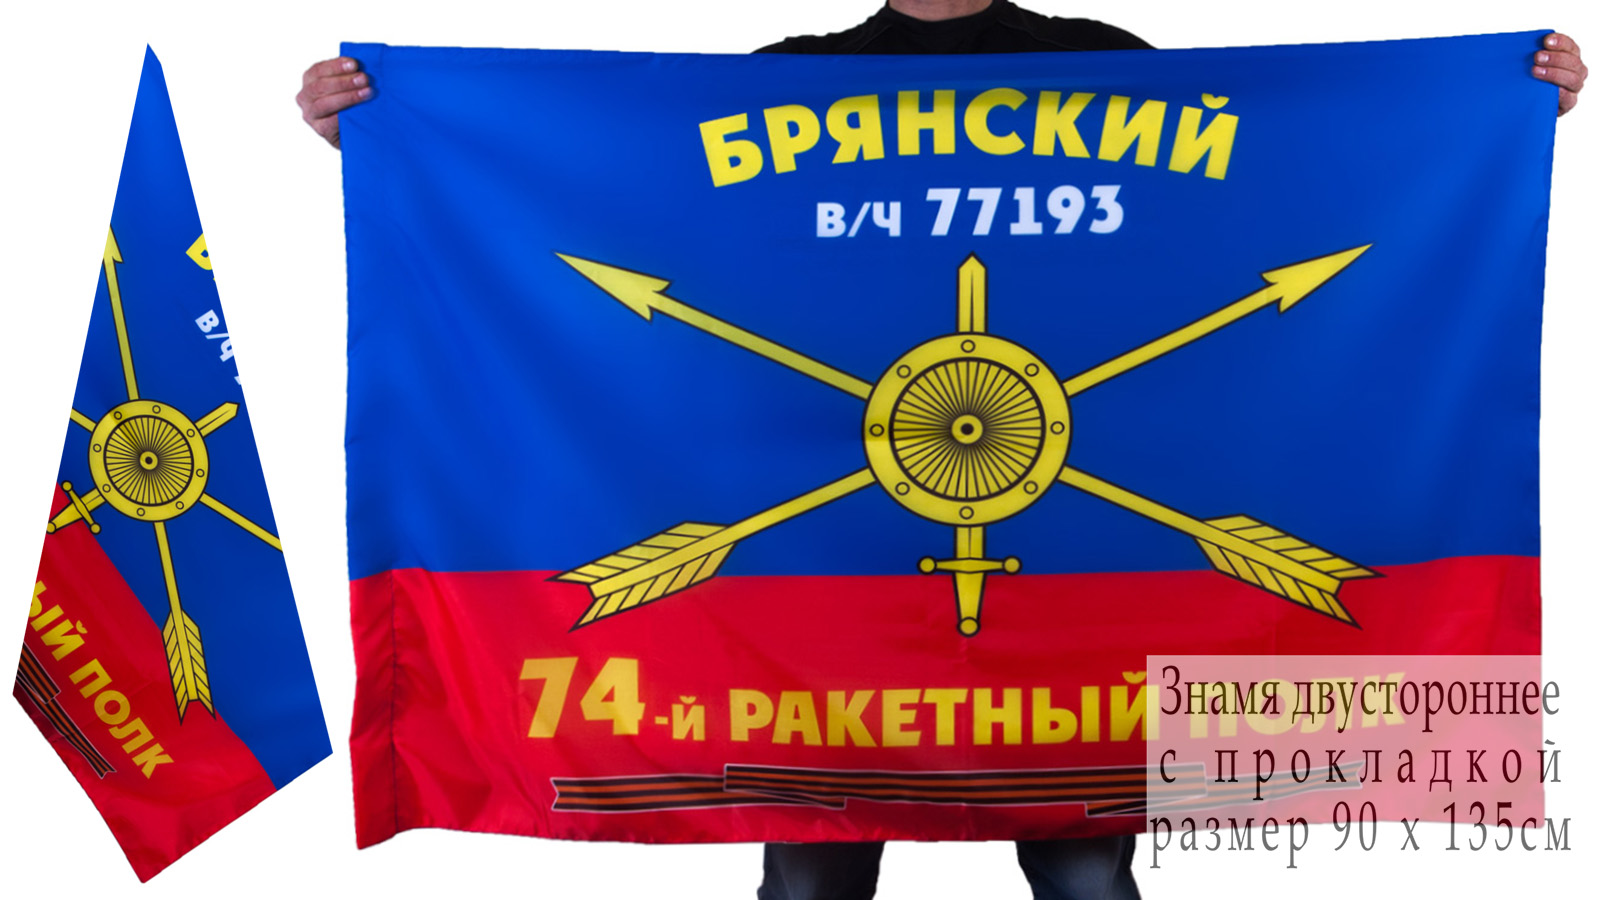 Знамя 74-го ракетного полка РВСН